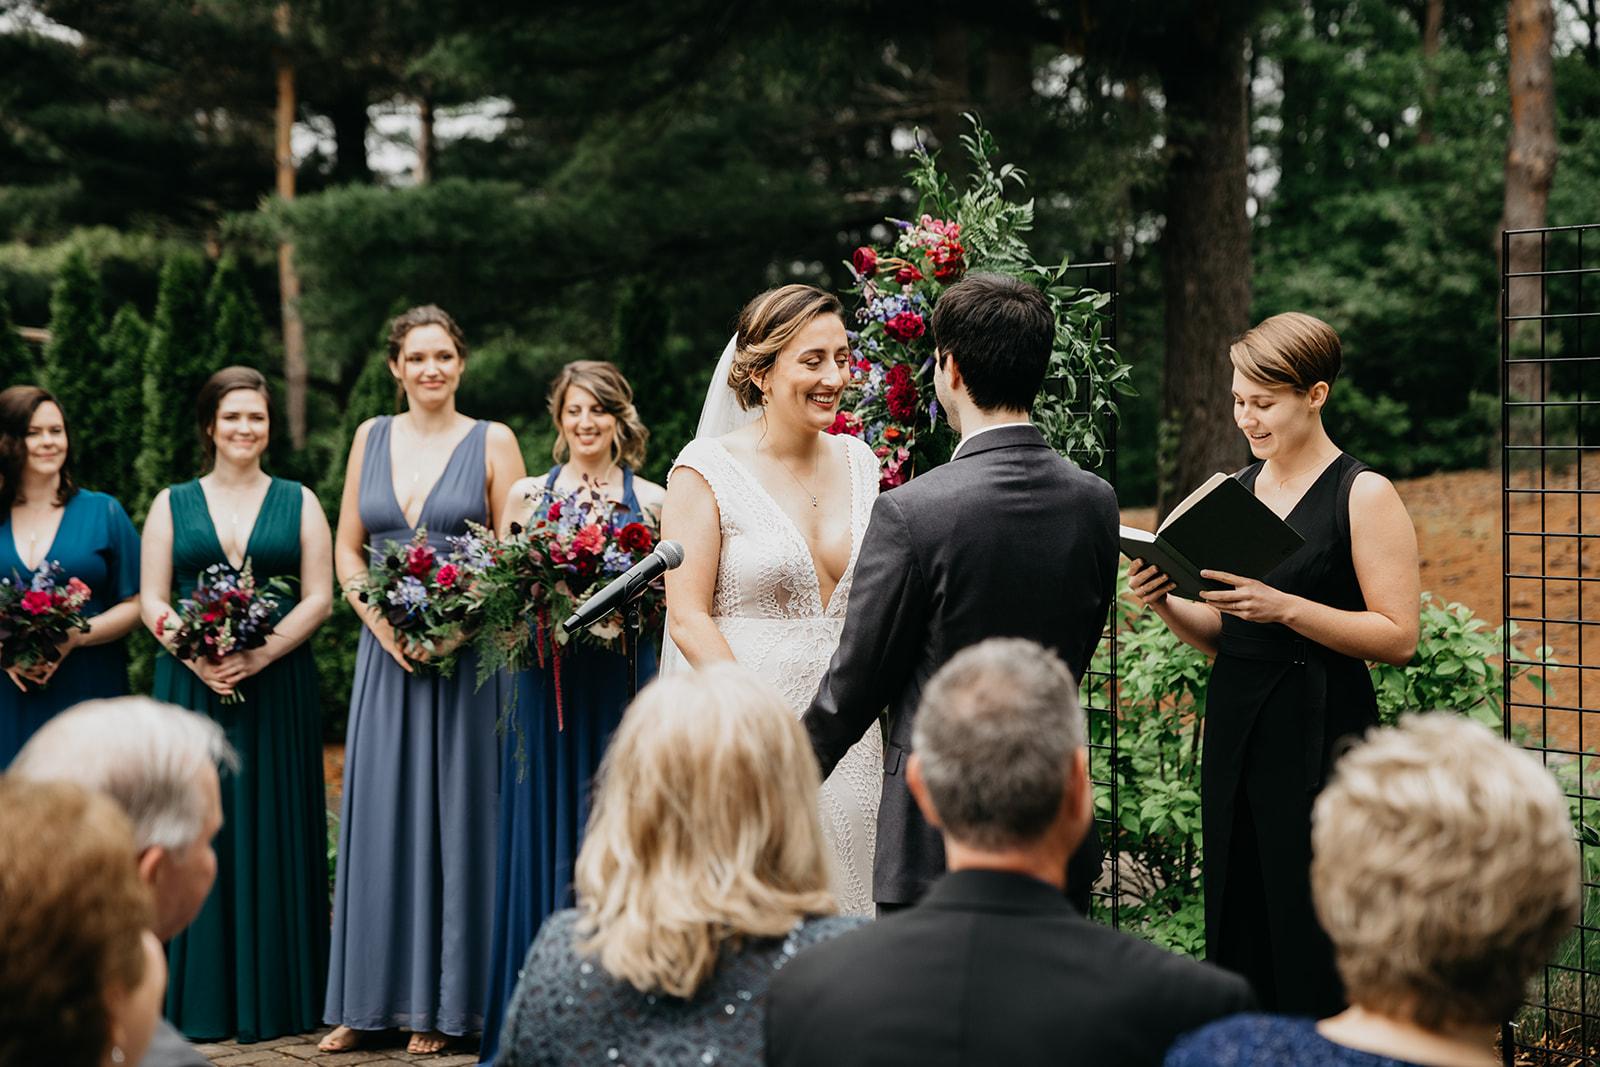 2019-06-01-00-Lindsey+Mat-06_Ceremony-meandhimphoto-0042-T5D18419.jpg